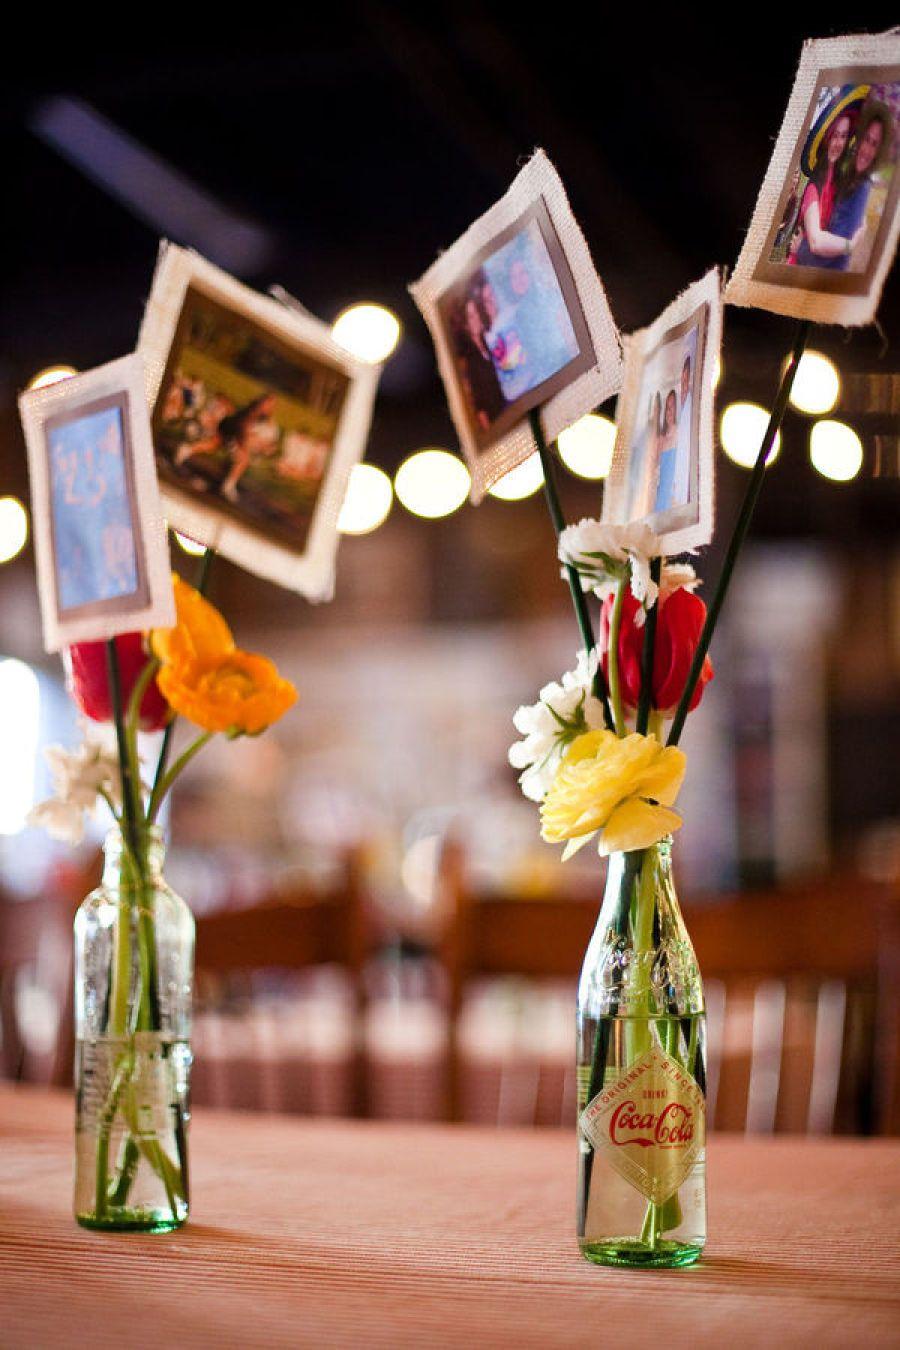 dia dos namorados decoração com bilhetinhas e flores